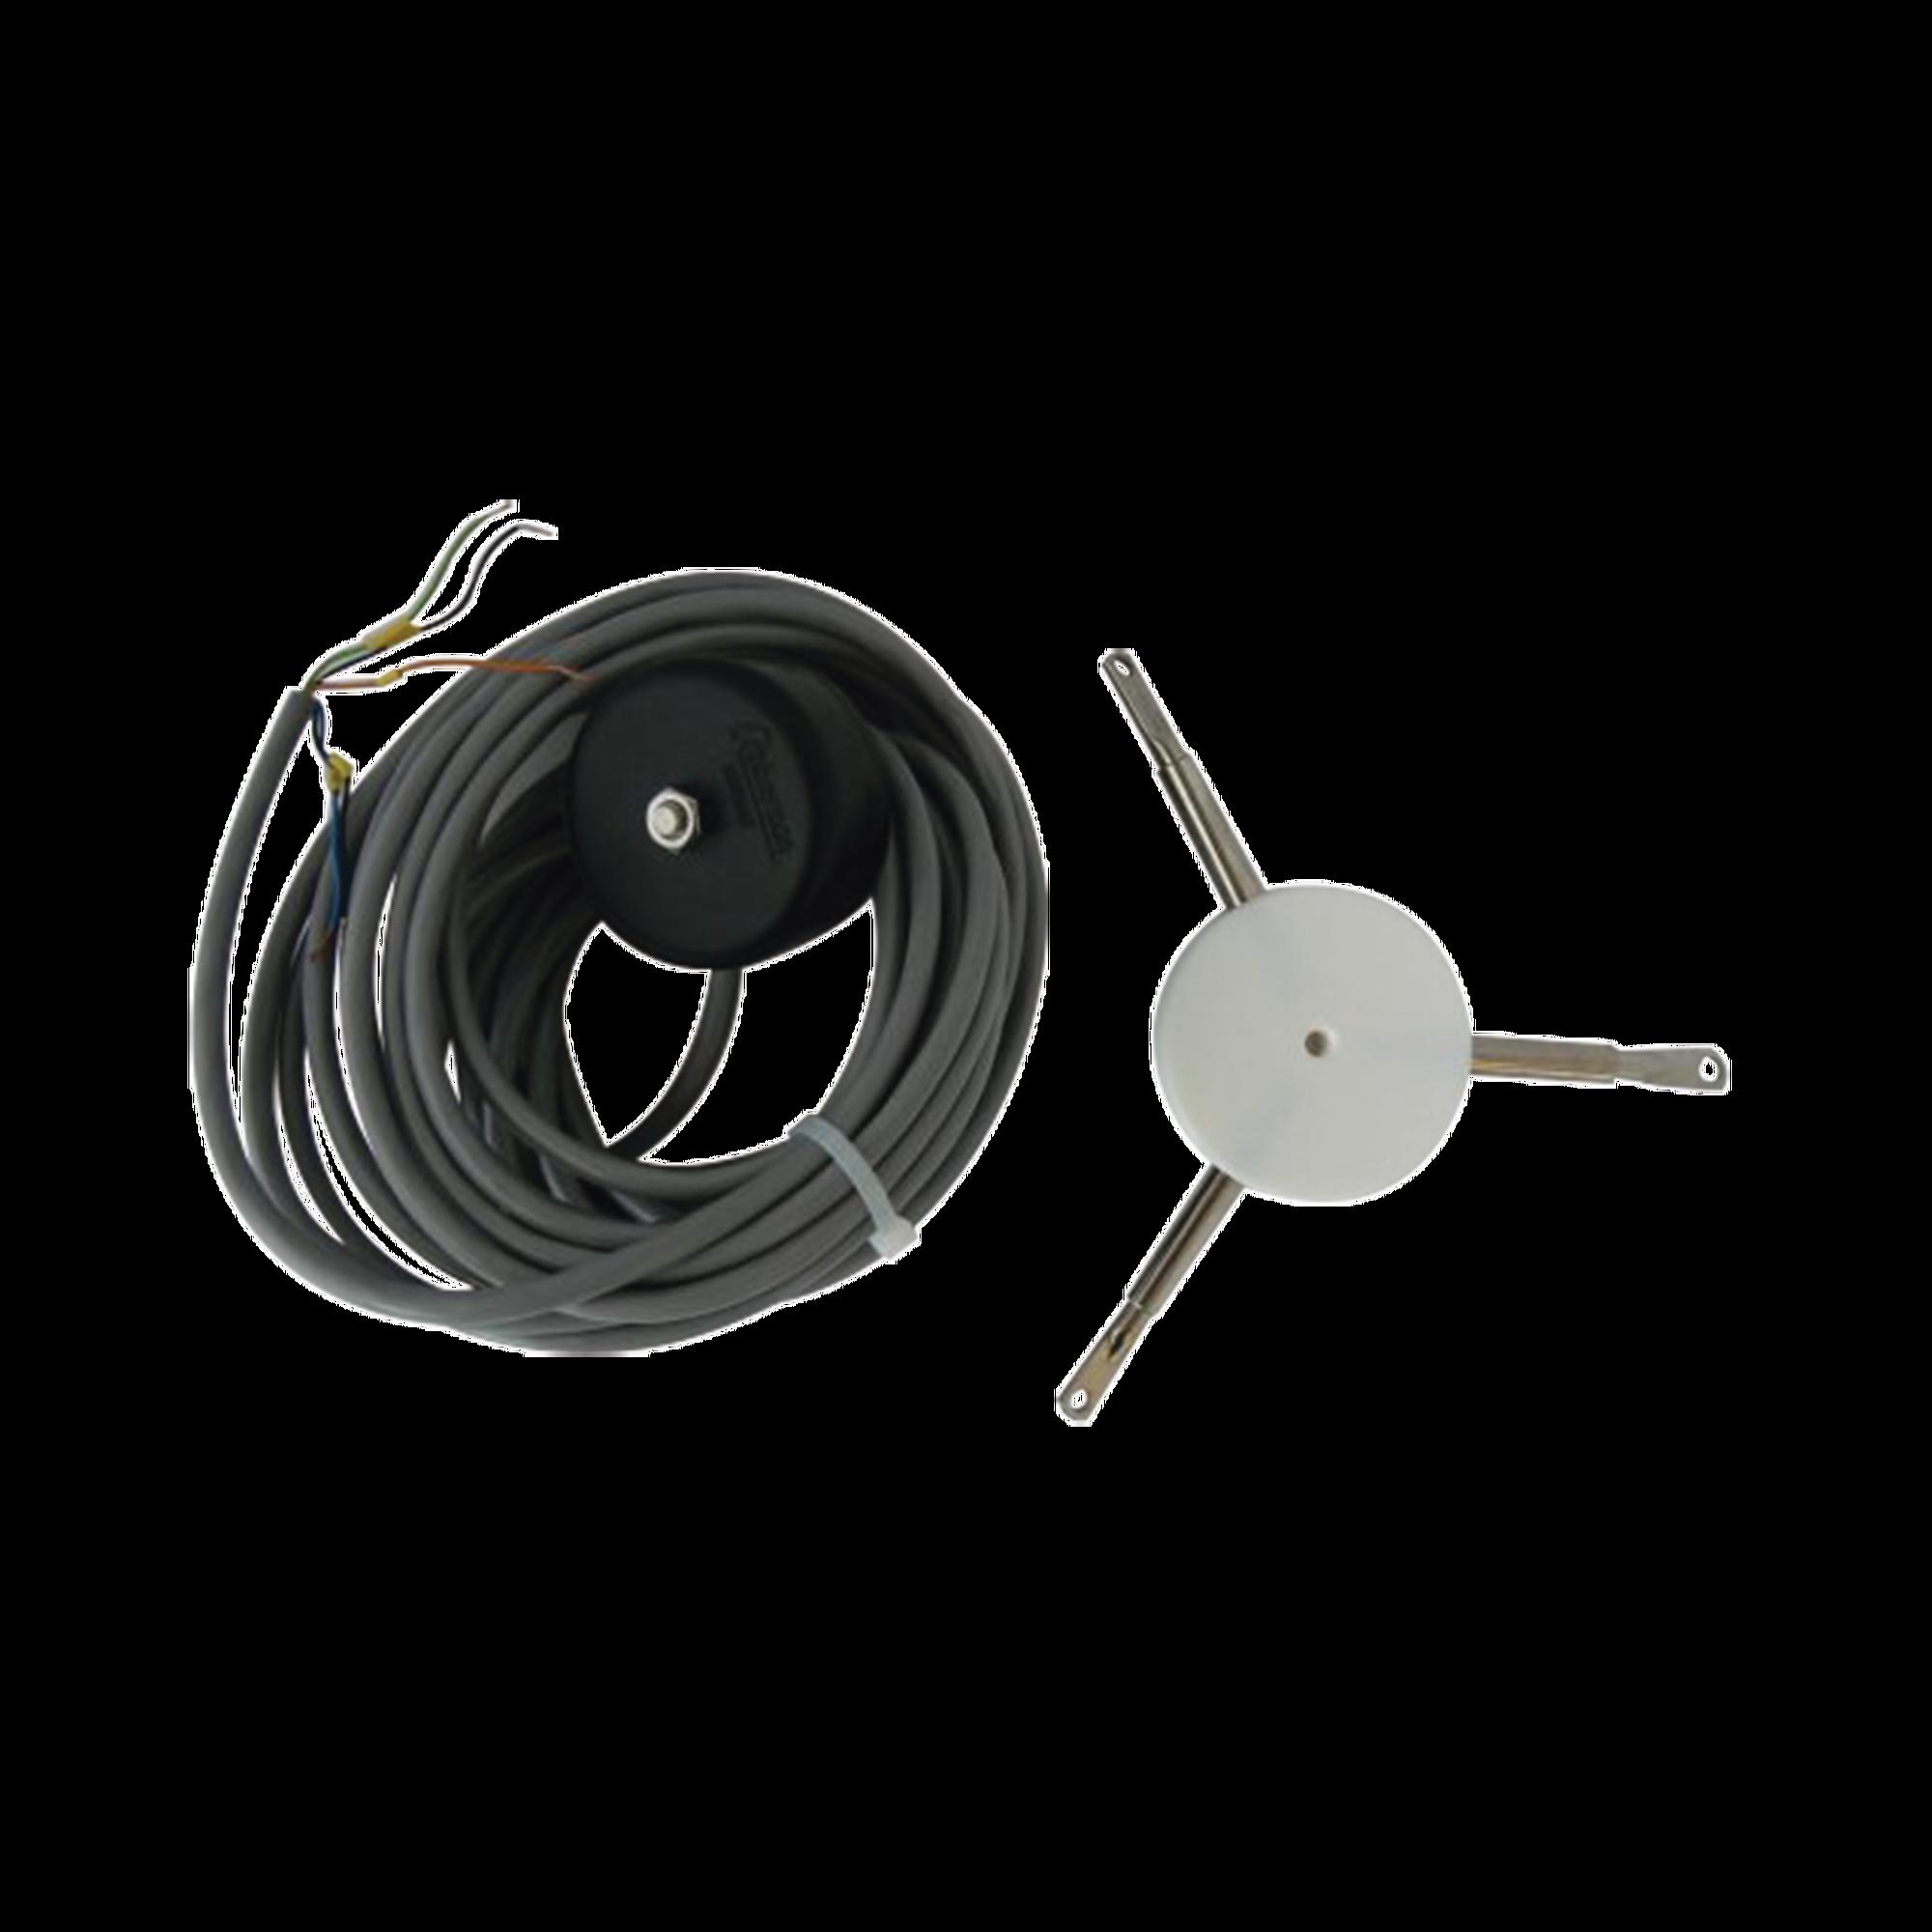 CD100A Detector de rumbo magnetico. Incluye cinco metros de cable y soporte tripode para brujula magnetica convencional